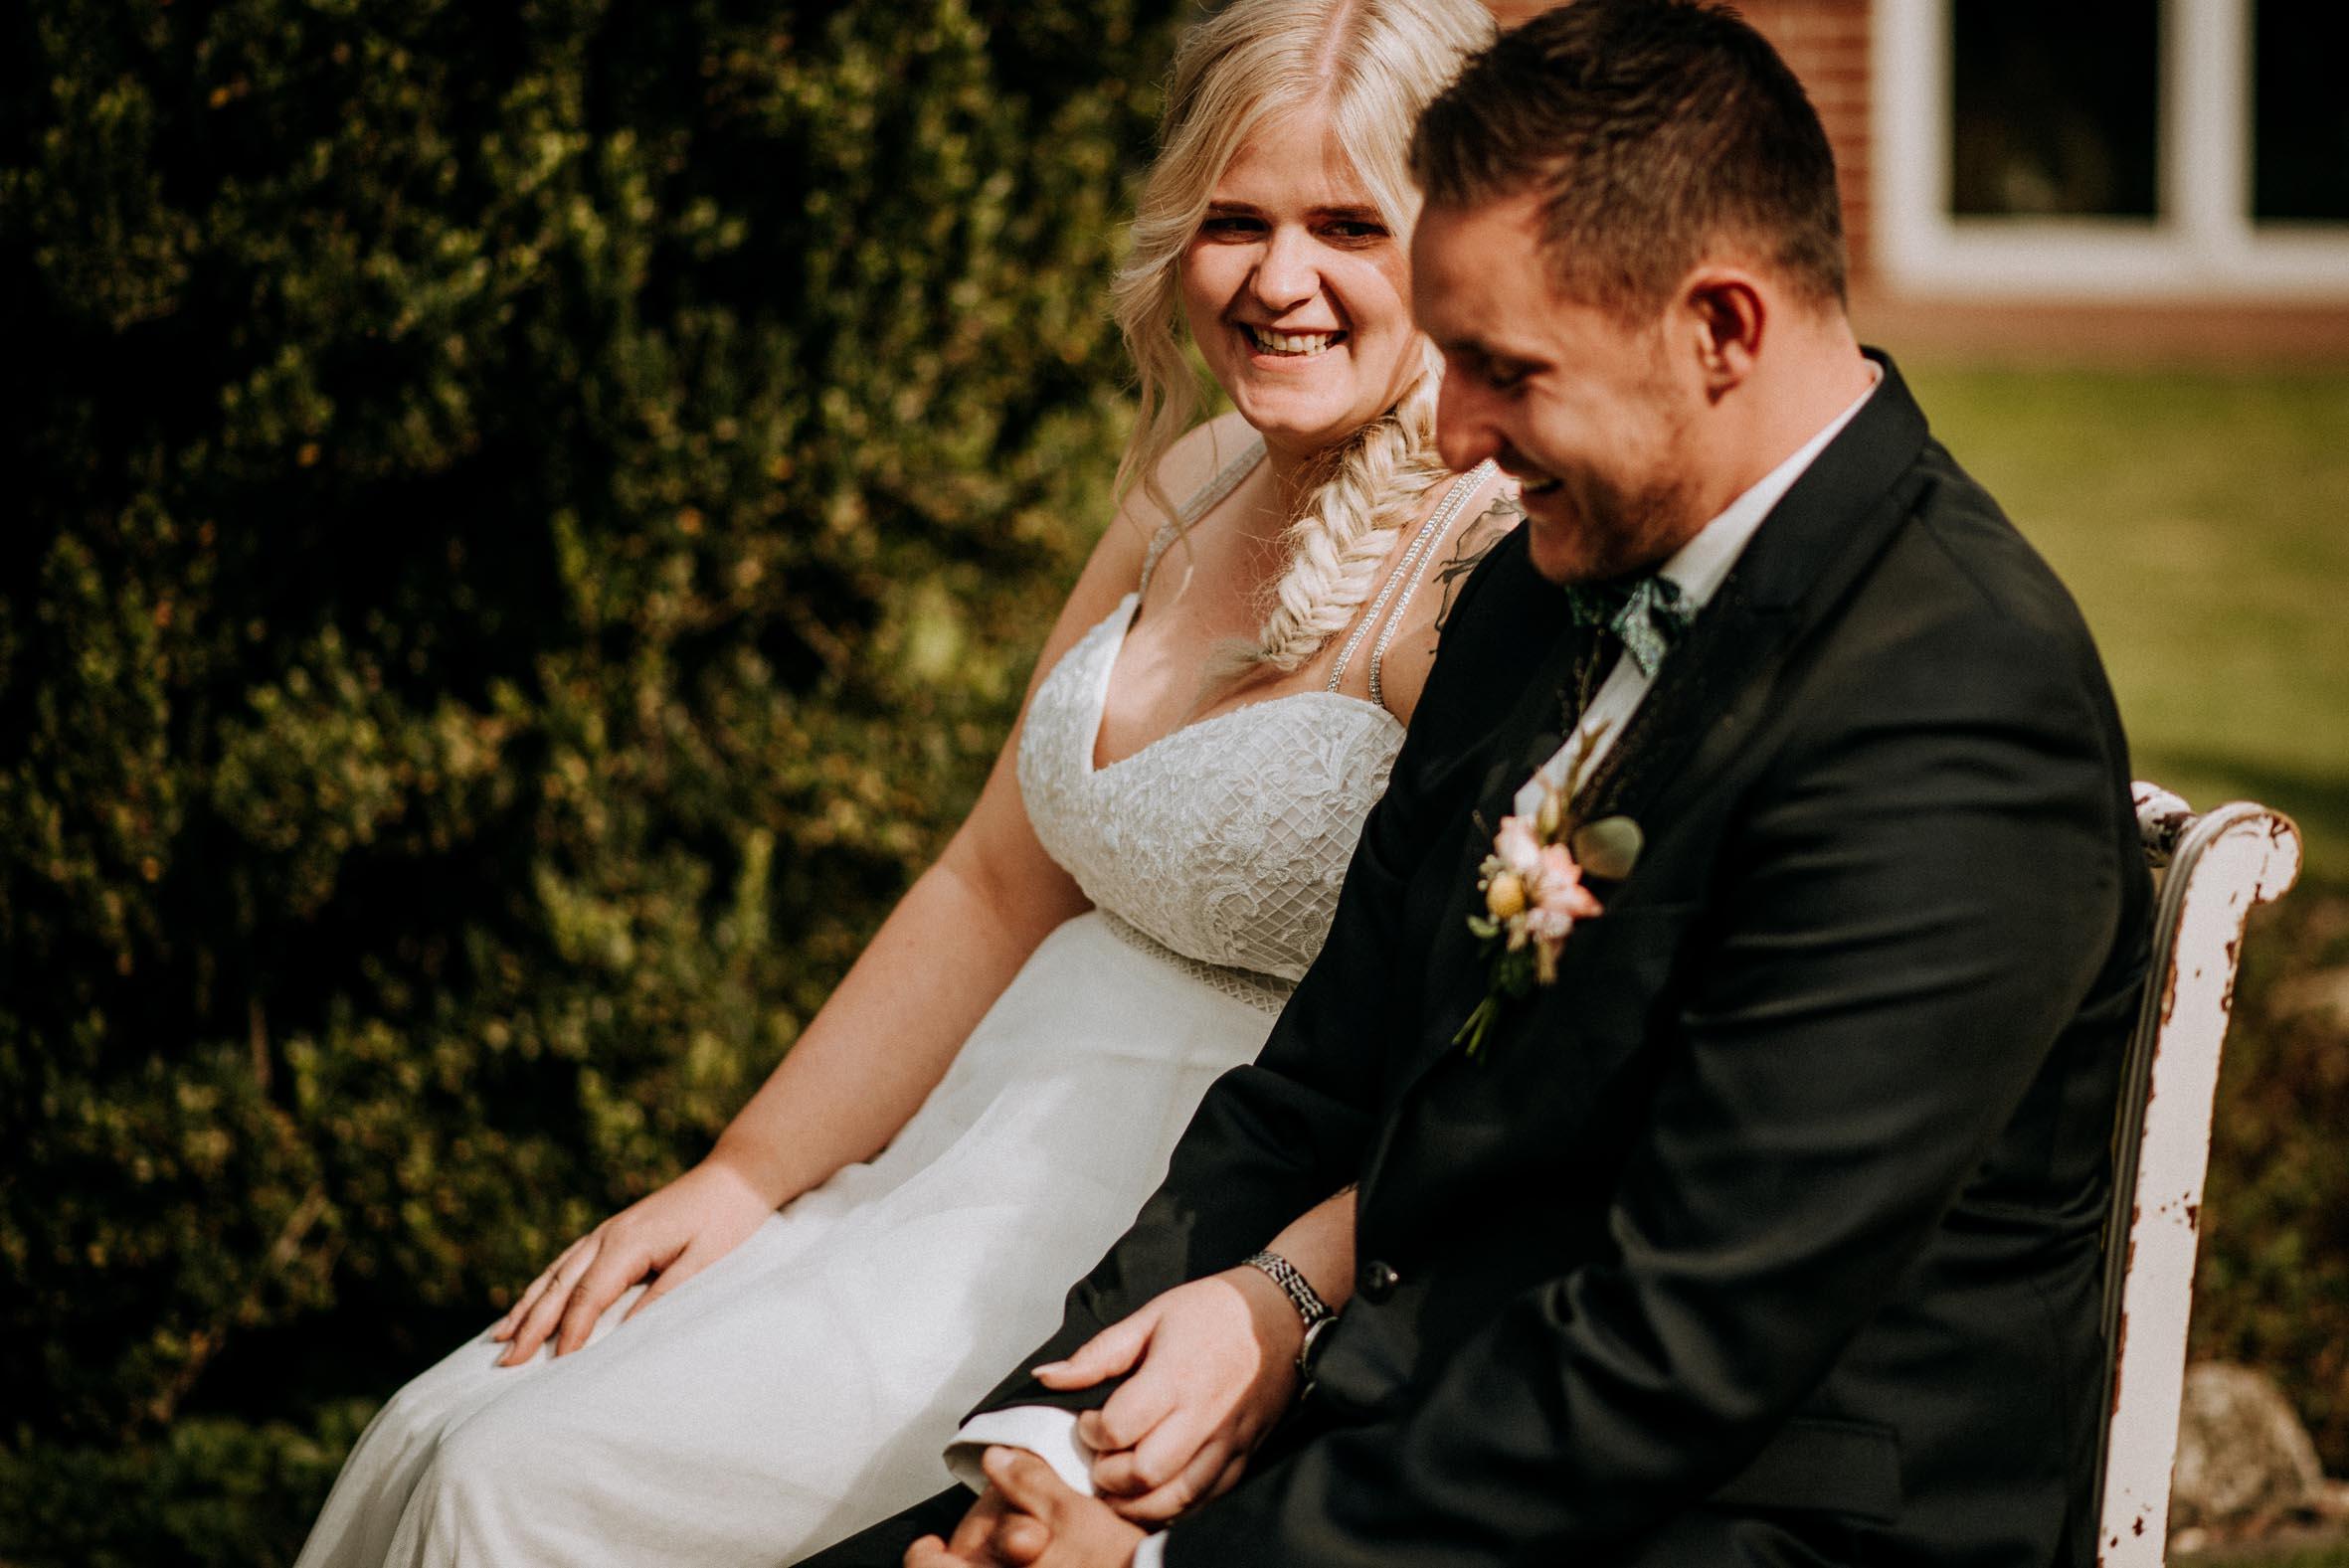 Hochzeitsrednerin Doreen Werding - Pures Glück